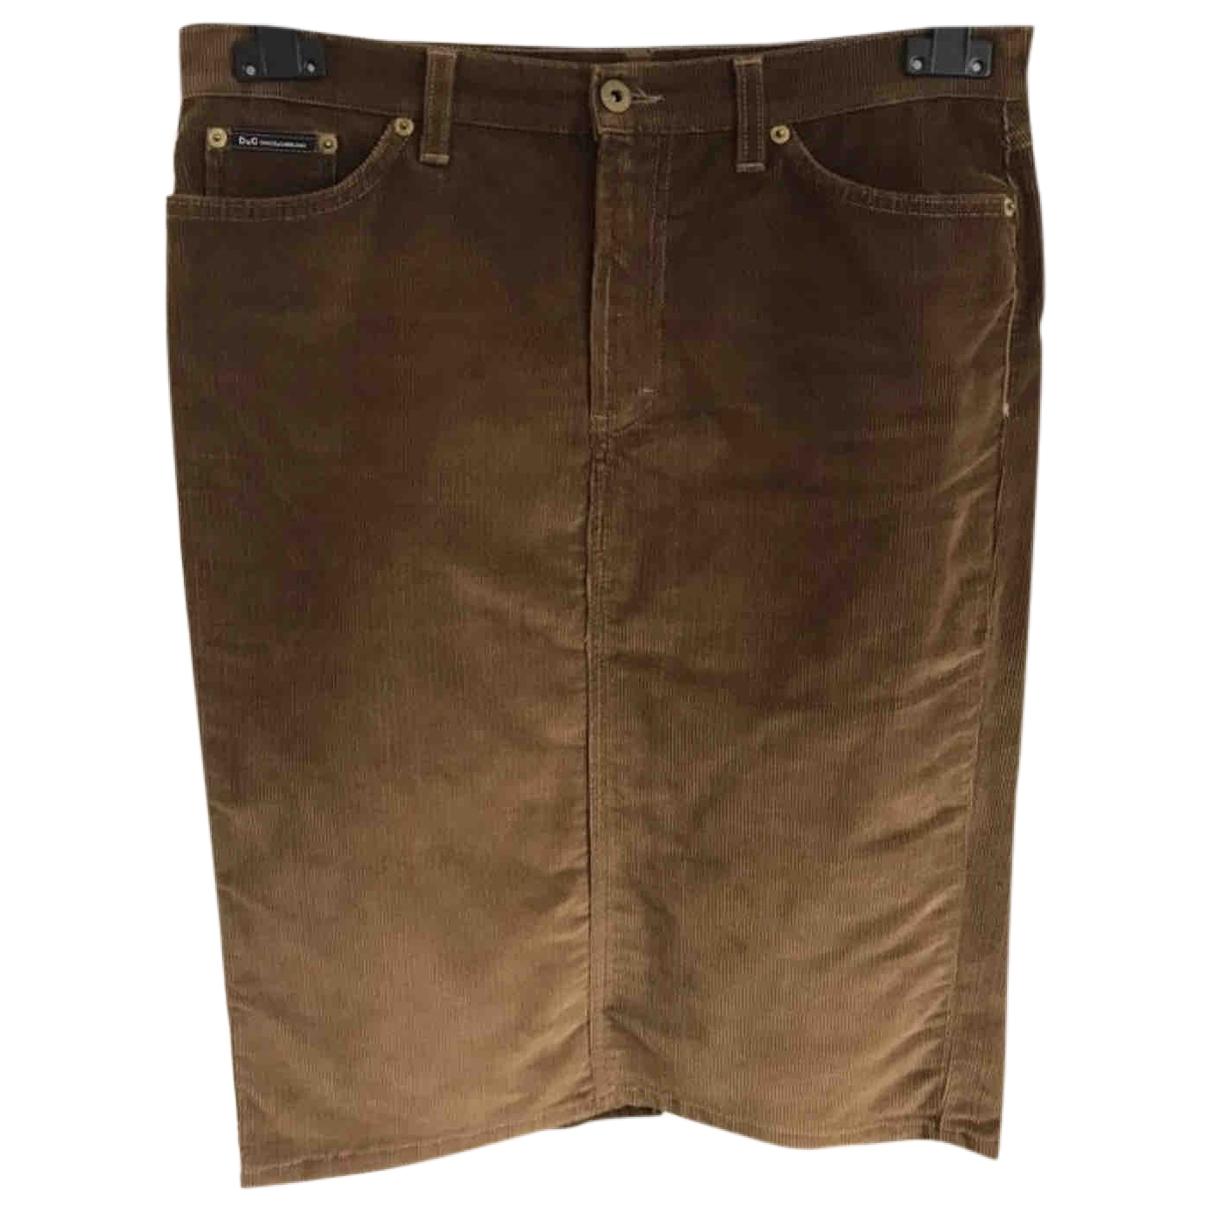 D&g \N Cotton - elasthane skirt for Women 44 IT